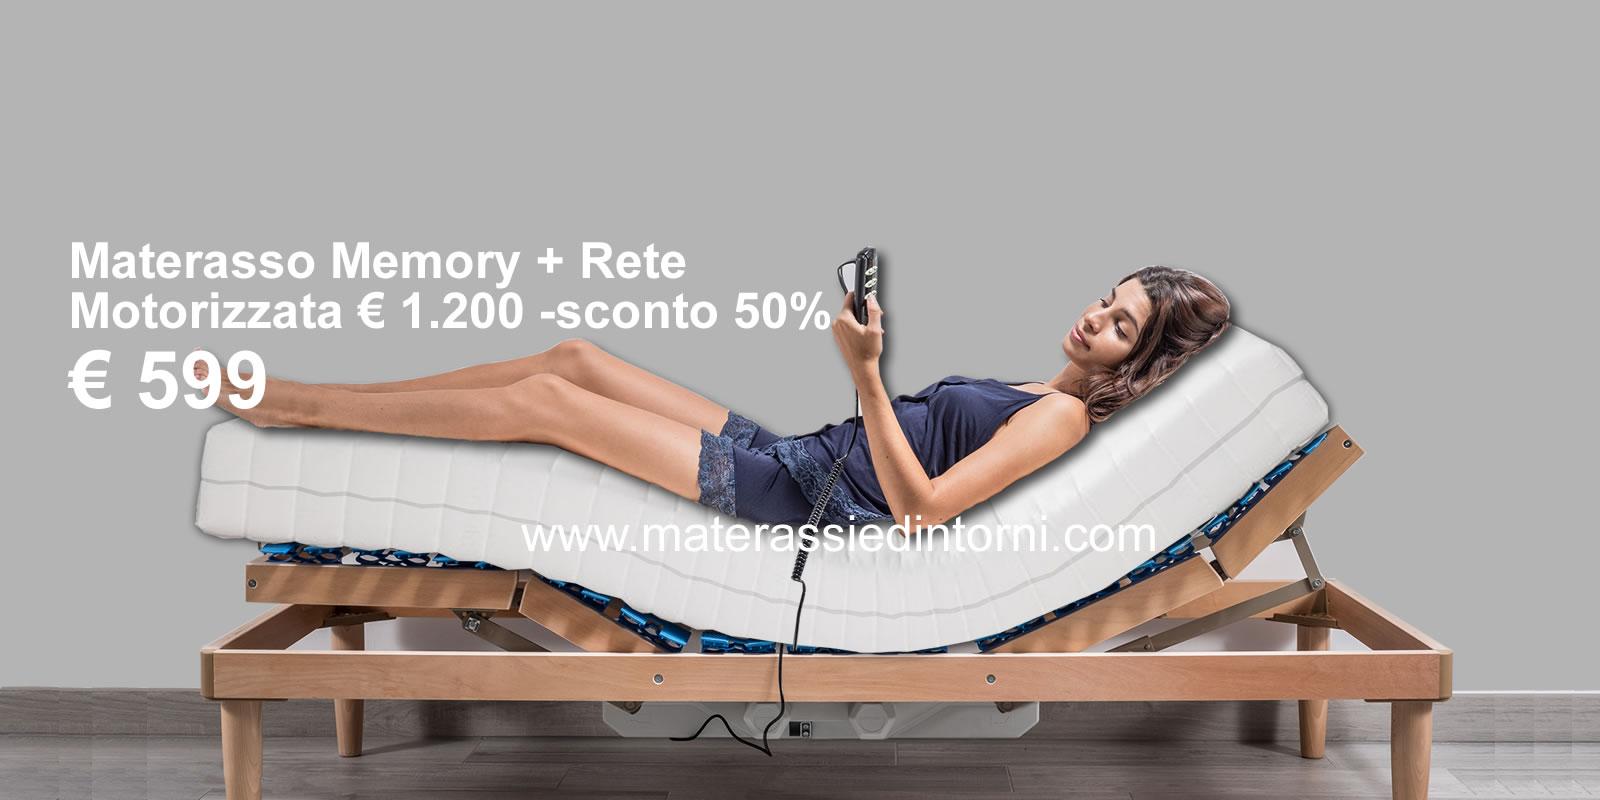 Vendita Materassi Torino.Materassi A Torino E Provincia Memory Molle Lattice Reti E